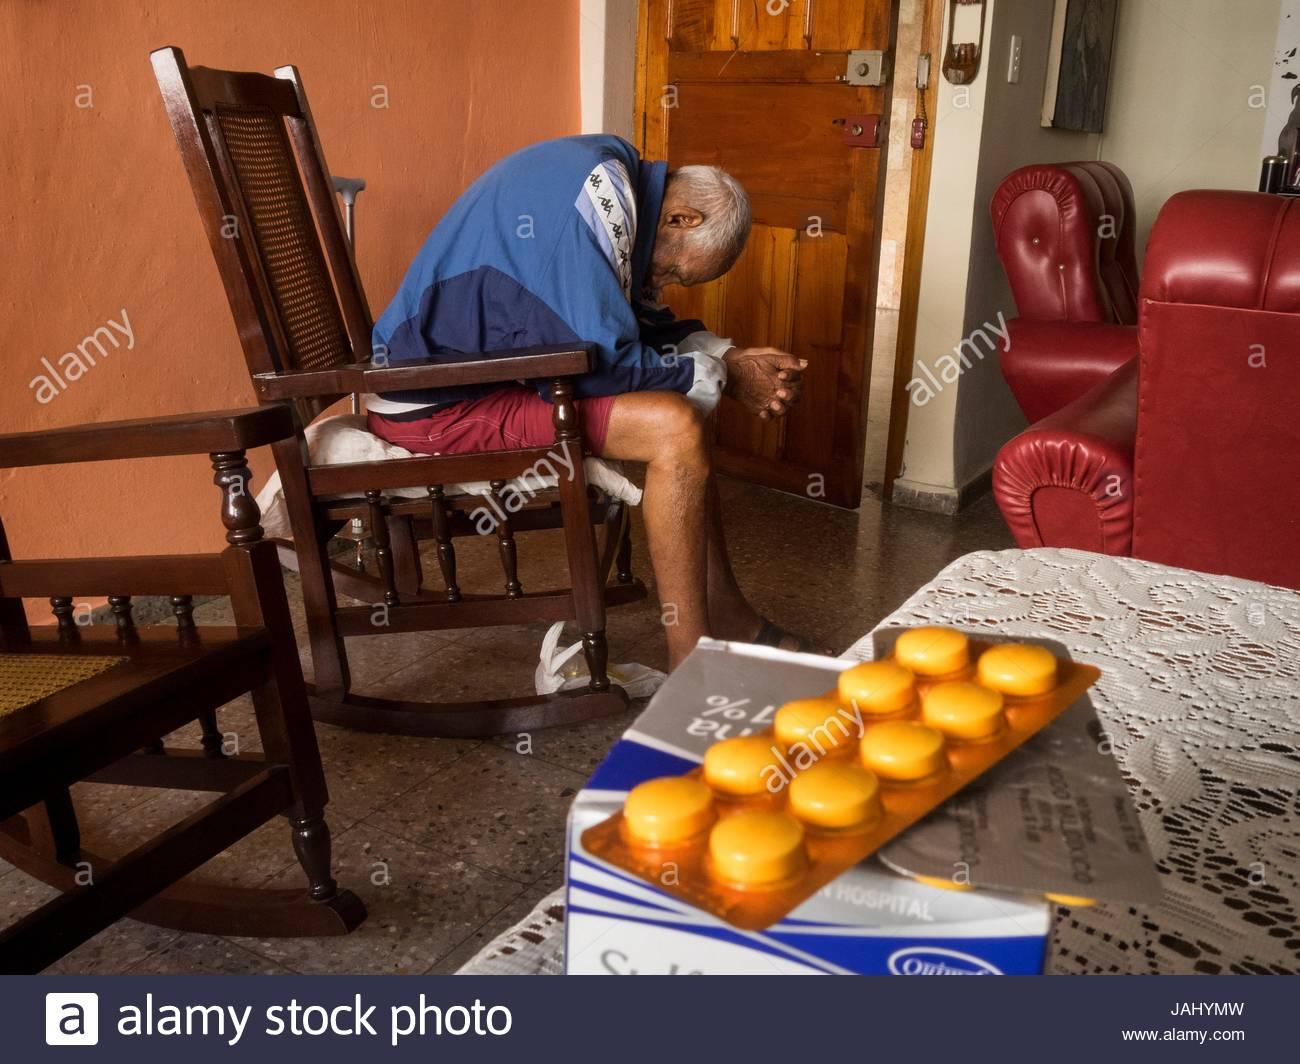 Des médicaments sur une table et un vieil homme endormi dans un fauteuil à bascule. Photo Stock